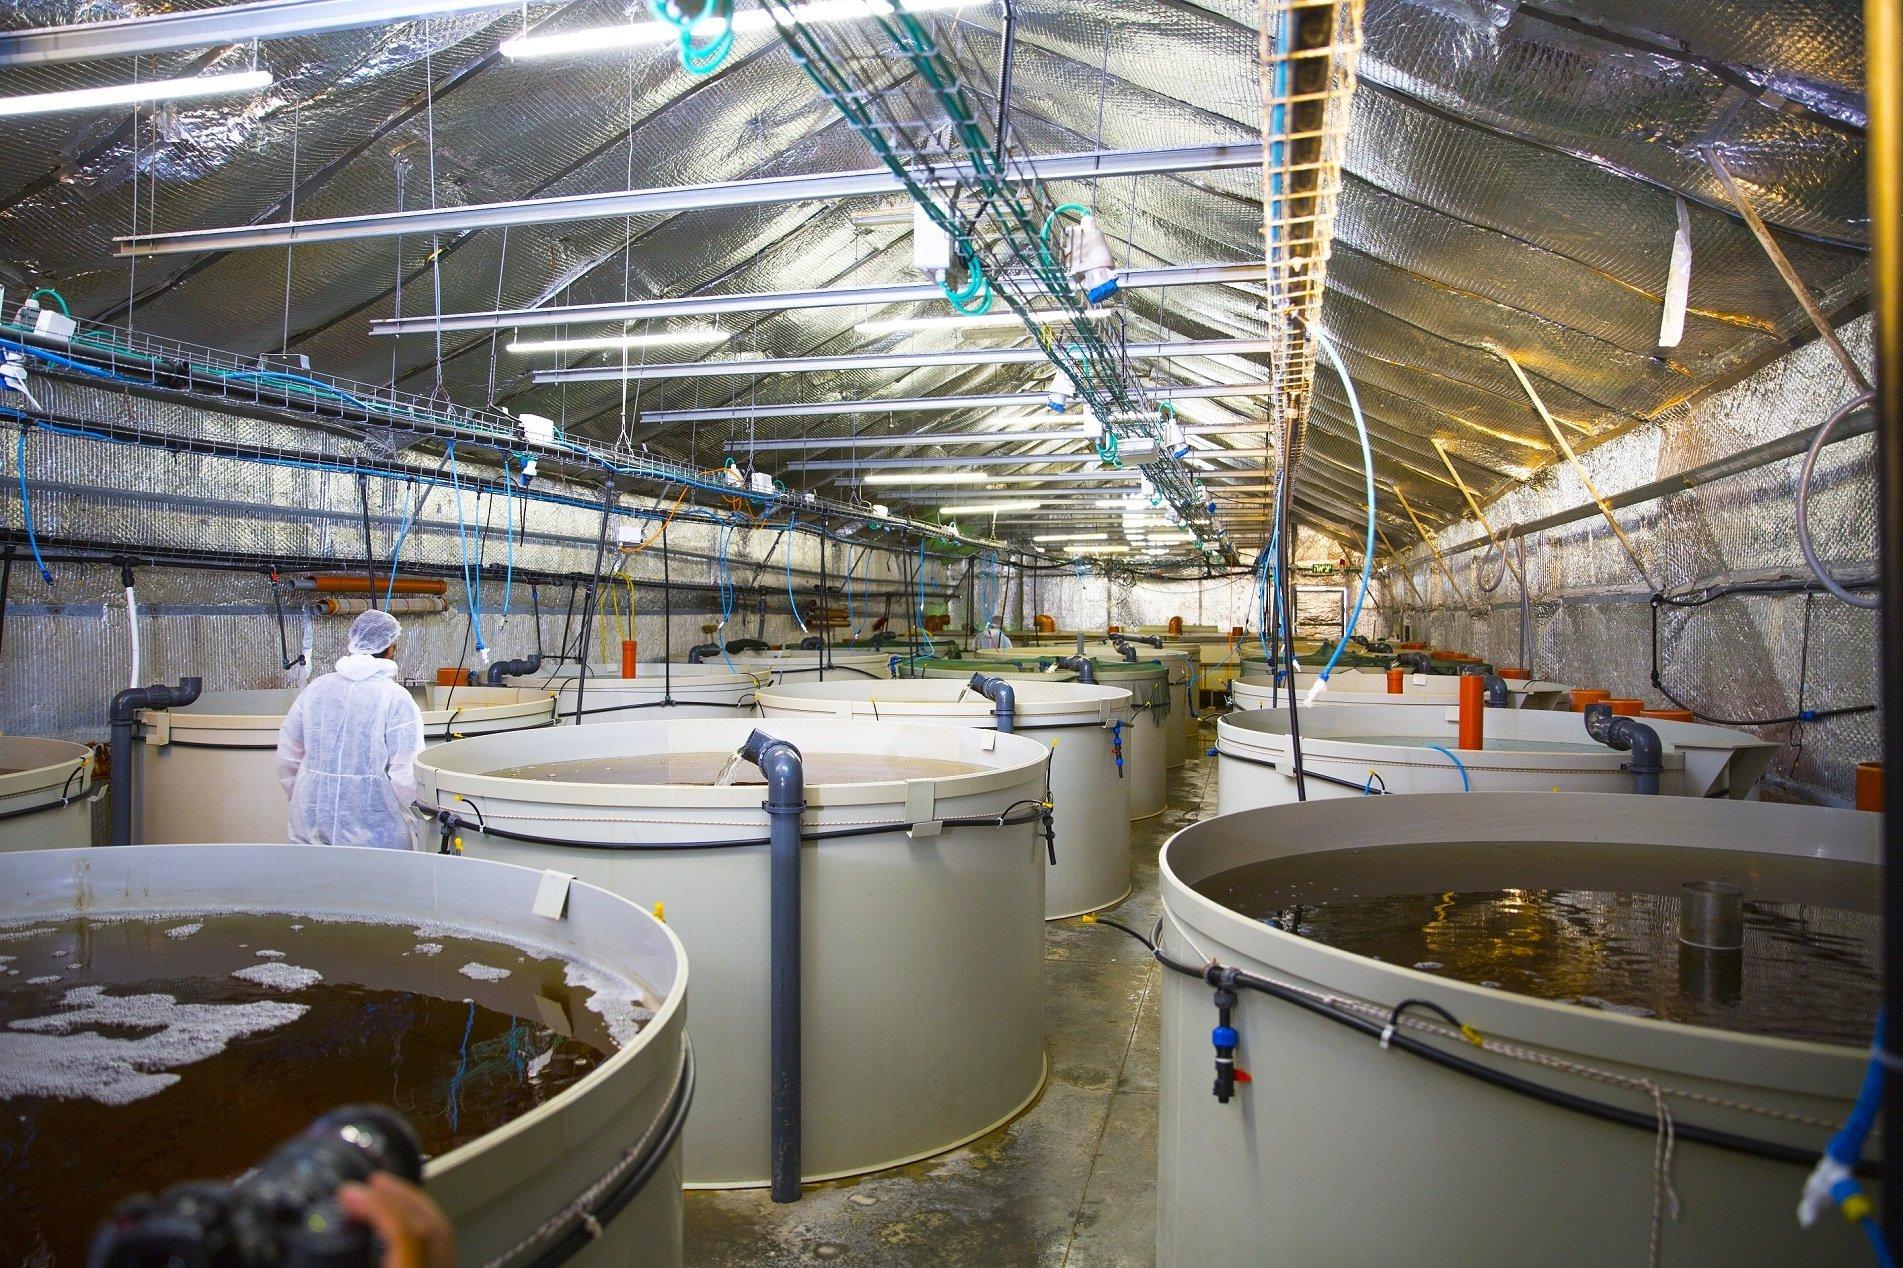 Shrimp tanks